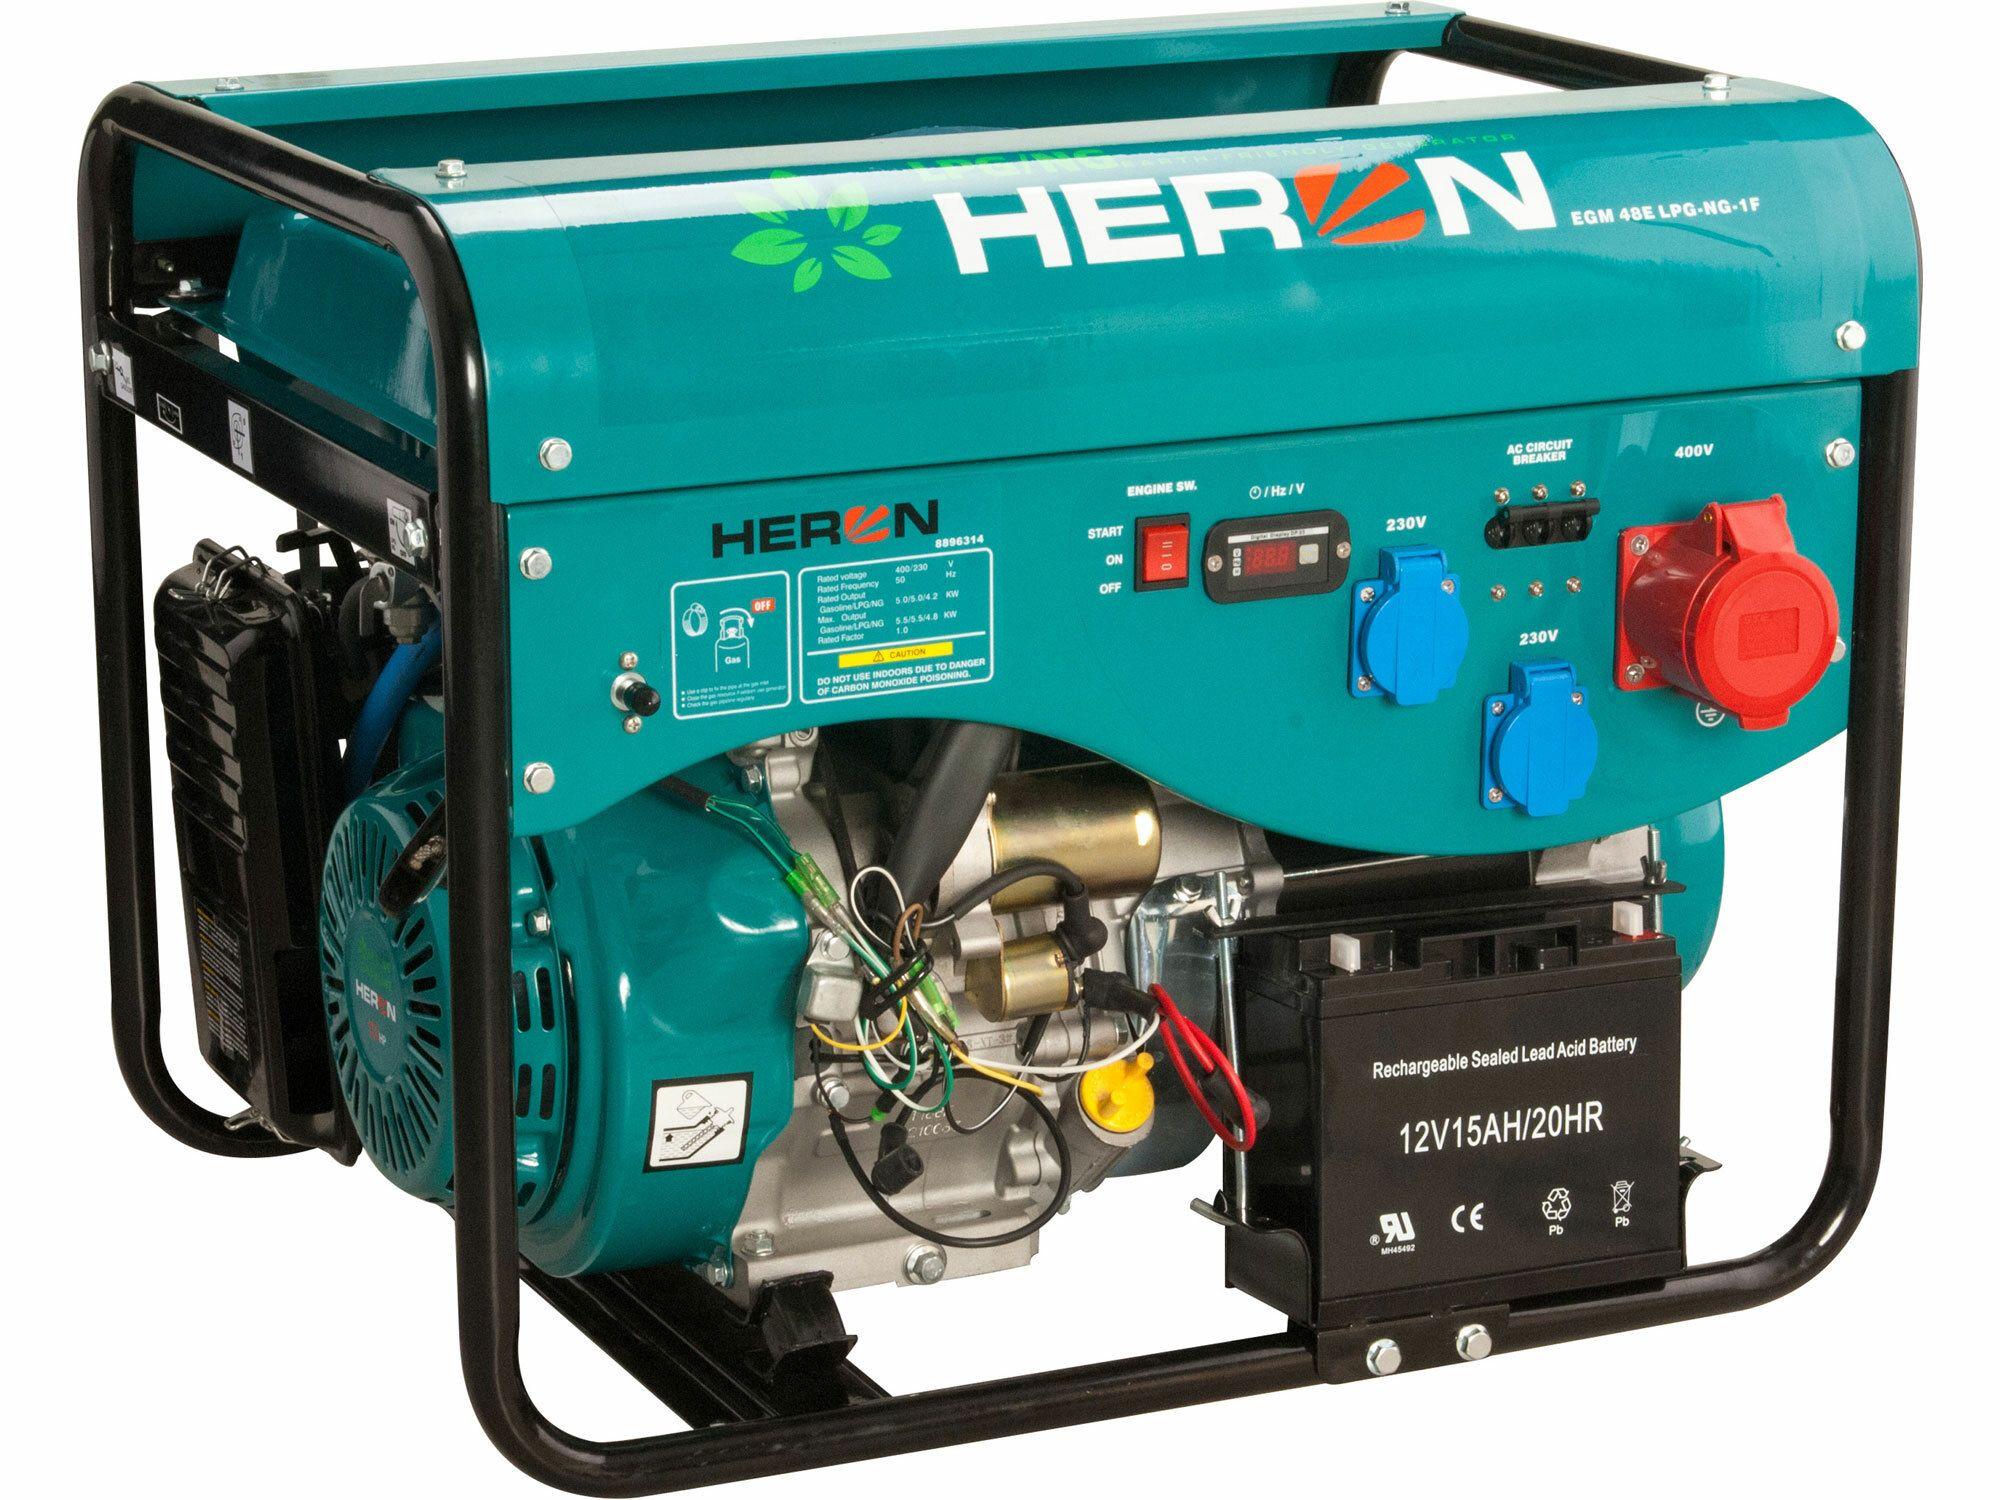 Elektrocentrála benzínová a plynová (LGP/NG) 13HP, el. start, LPGG 43-3F, záruka 3 roky HERON